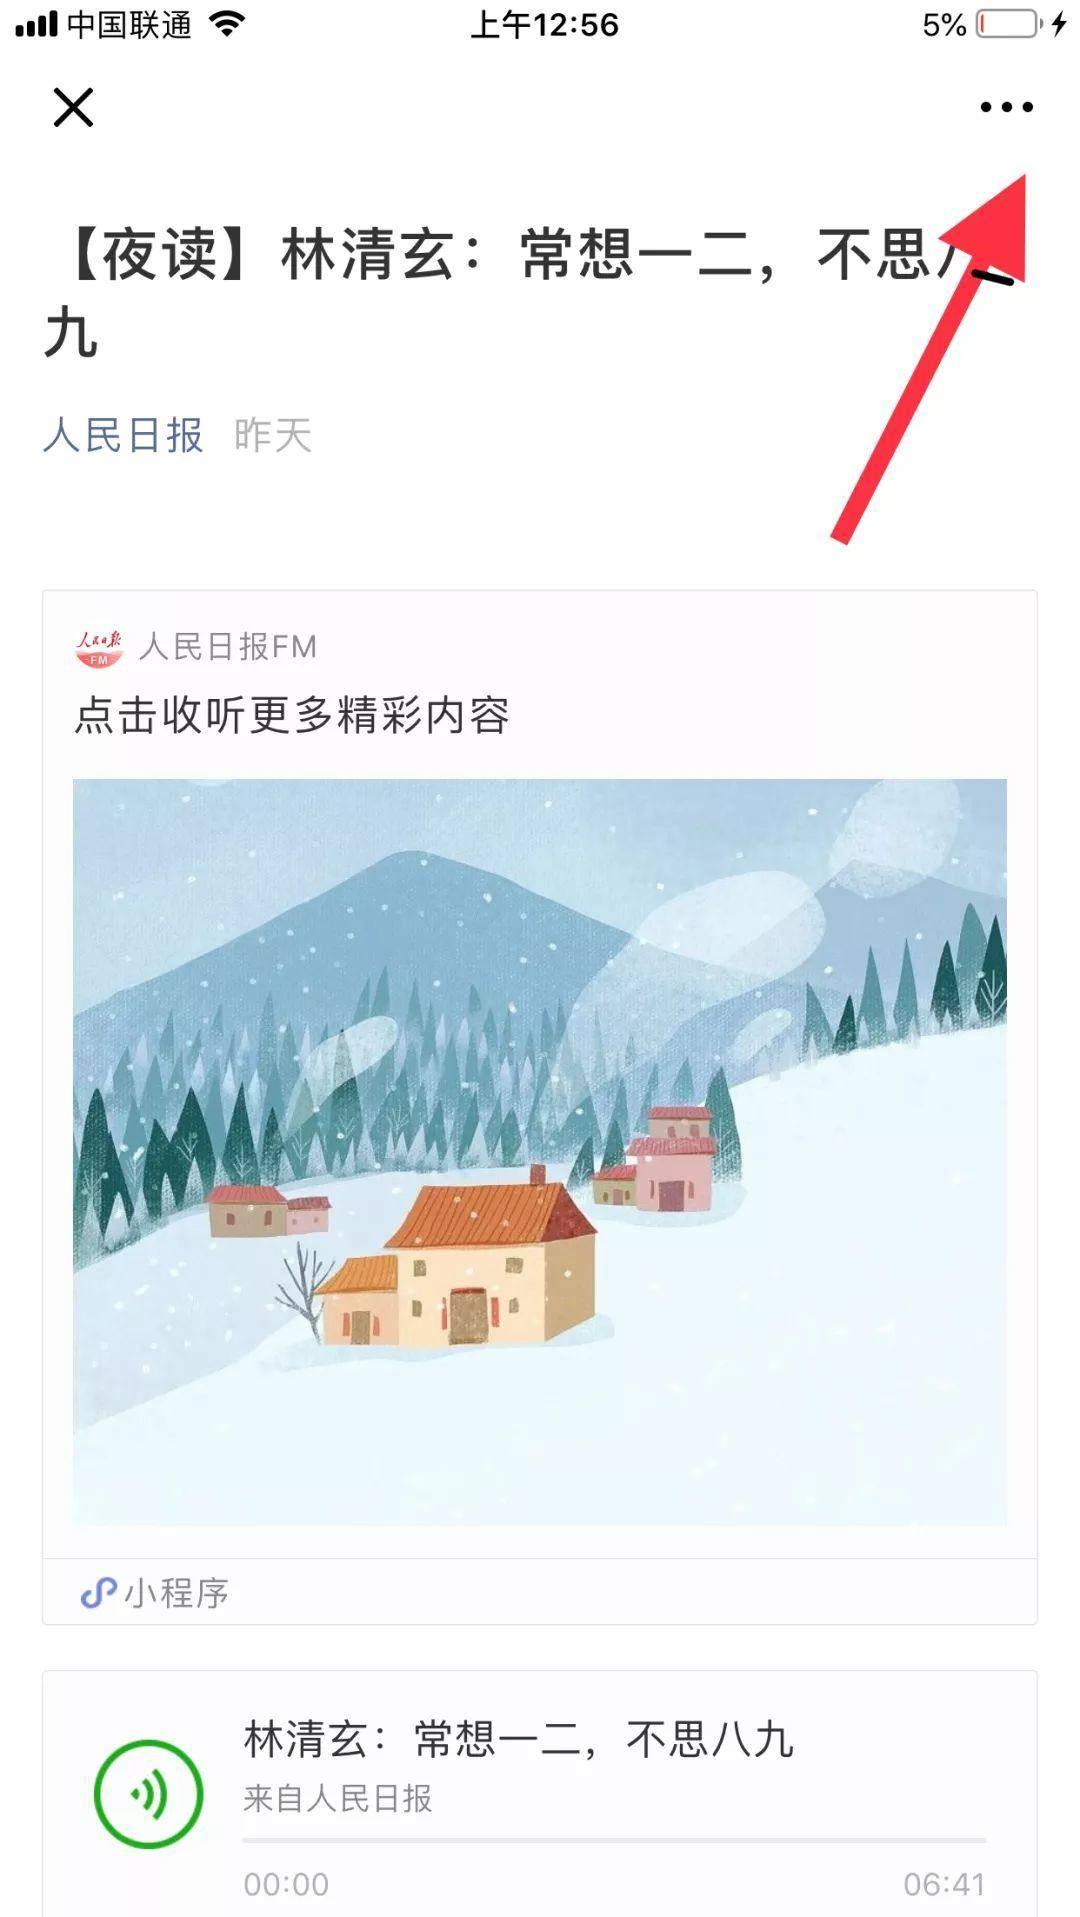 微信红包大变化,微信7.0.3正式更新